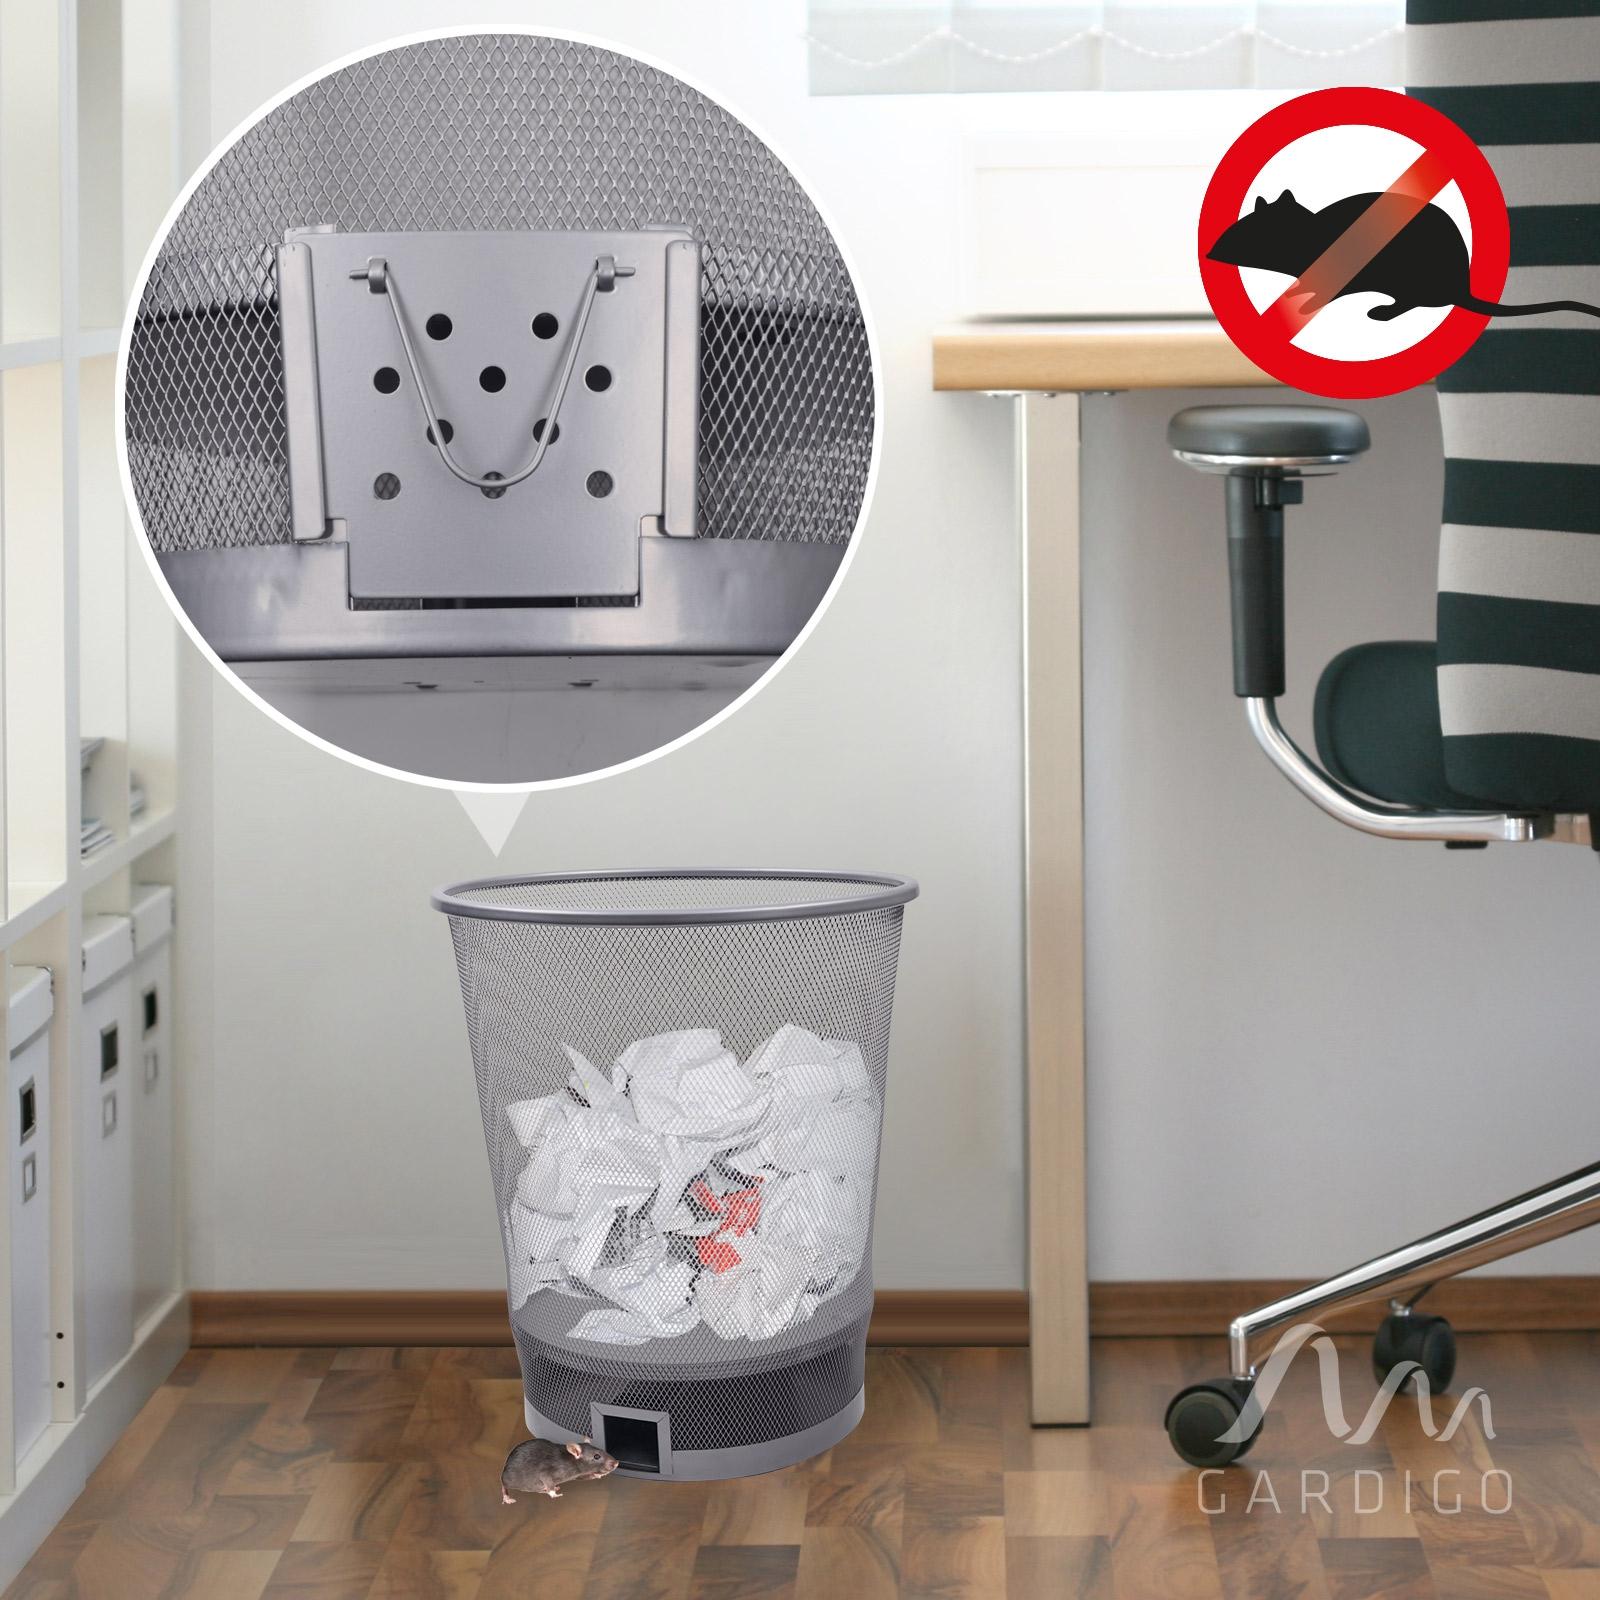 metall papierkorb inkl mausefalle lebendfalle ganz ohne m usegift m use fangen ebay. Black Bedroom Furniture Sets. Home Design Ideas